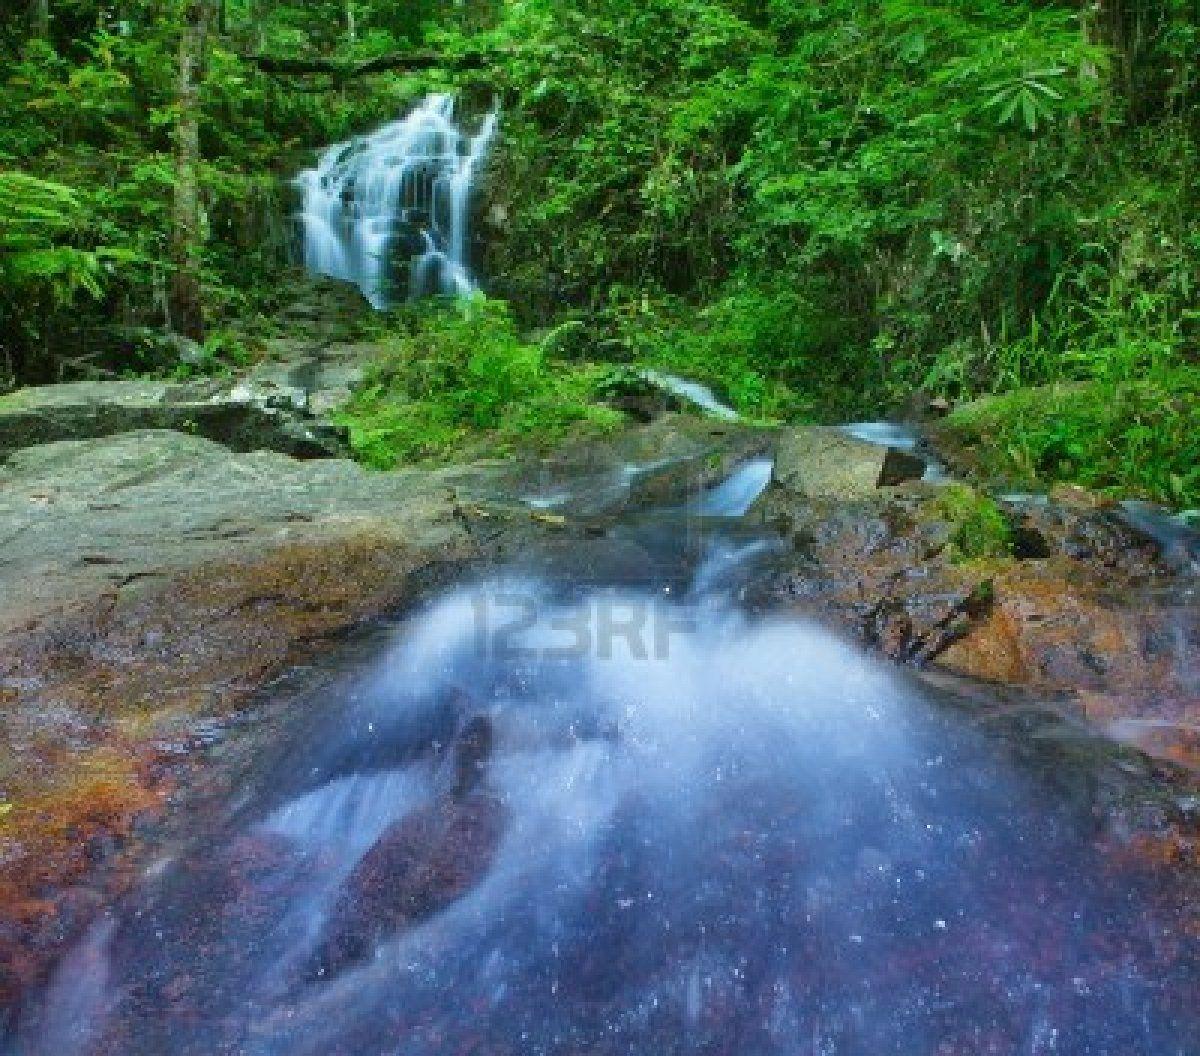 Mountain Travel Weather Tree Snow Rain Stock Photo - Image